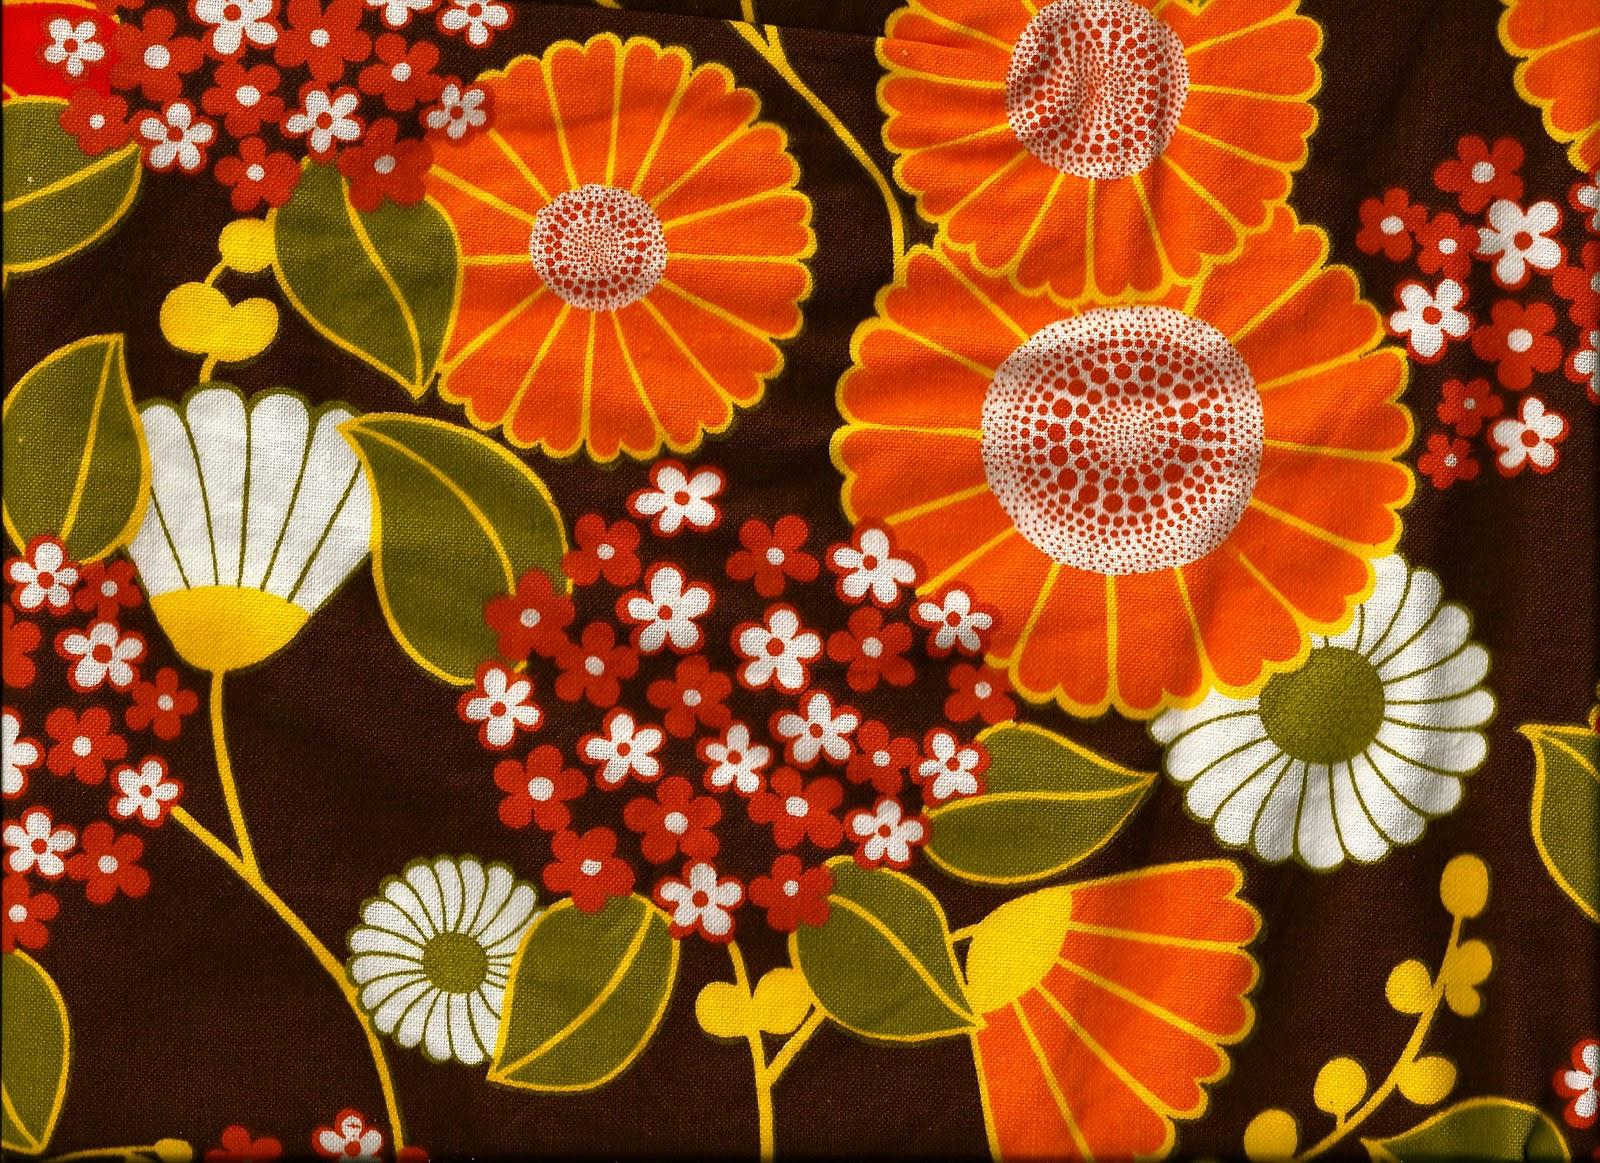 Pomme de jour blog vintage fabrics for Retro fabric